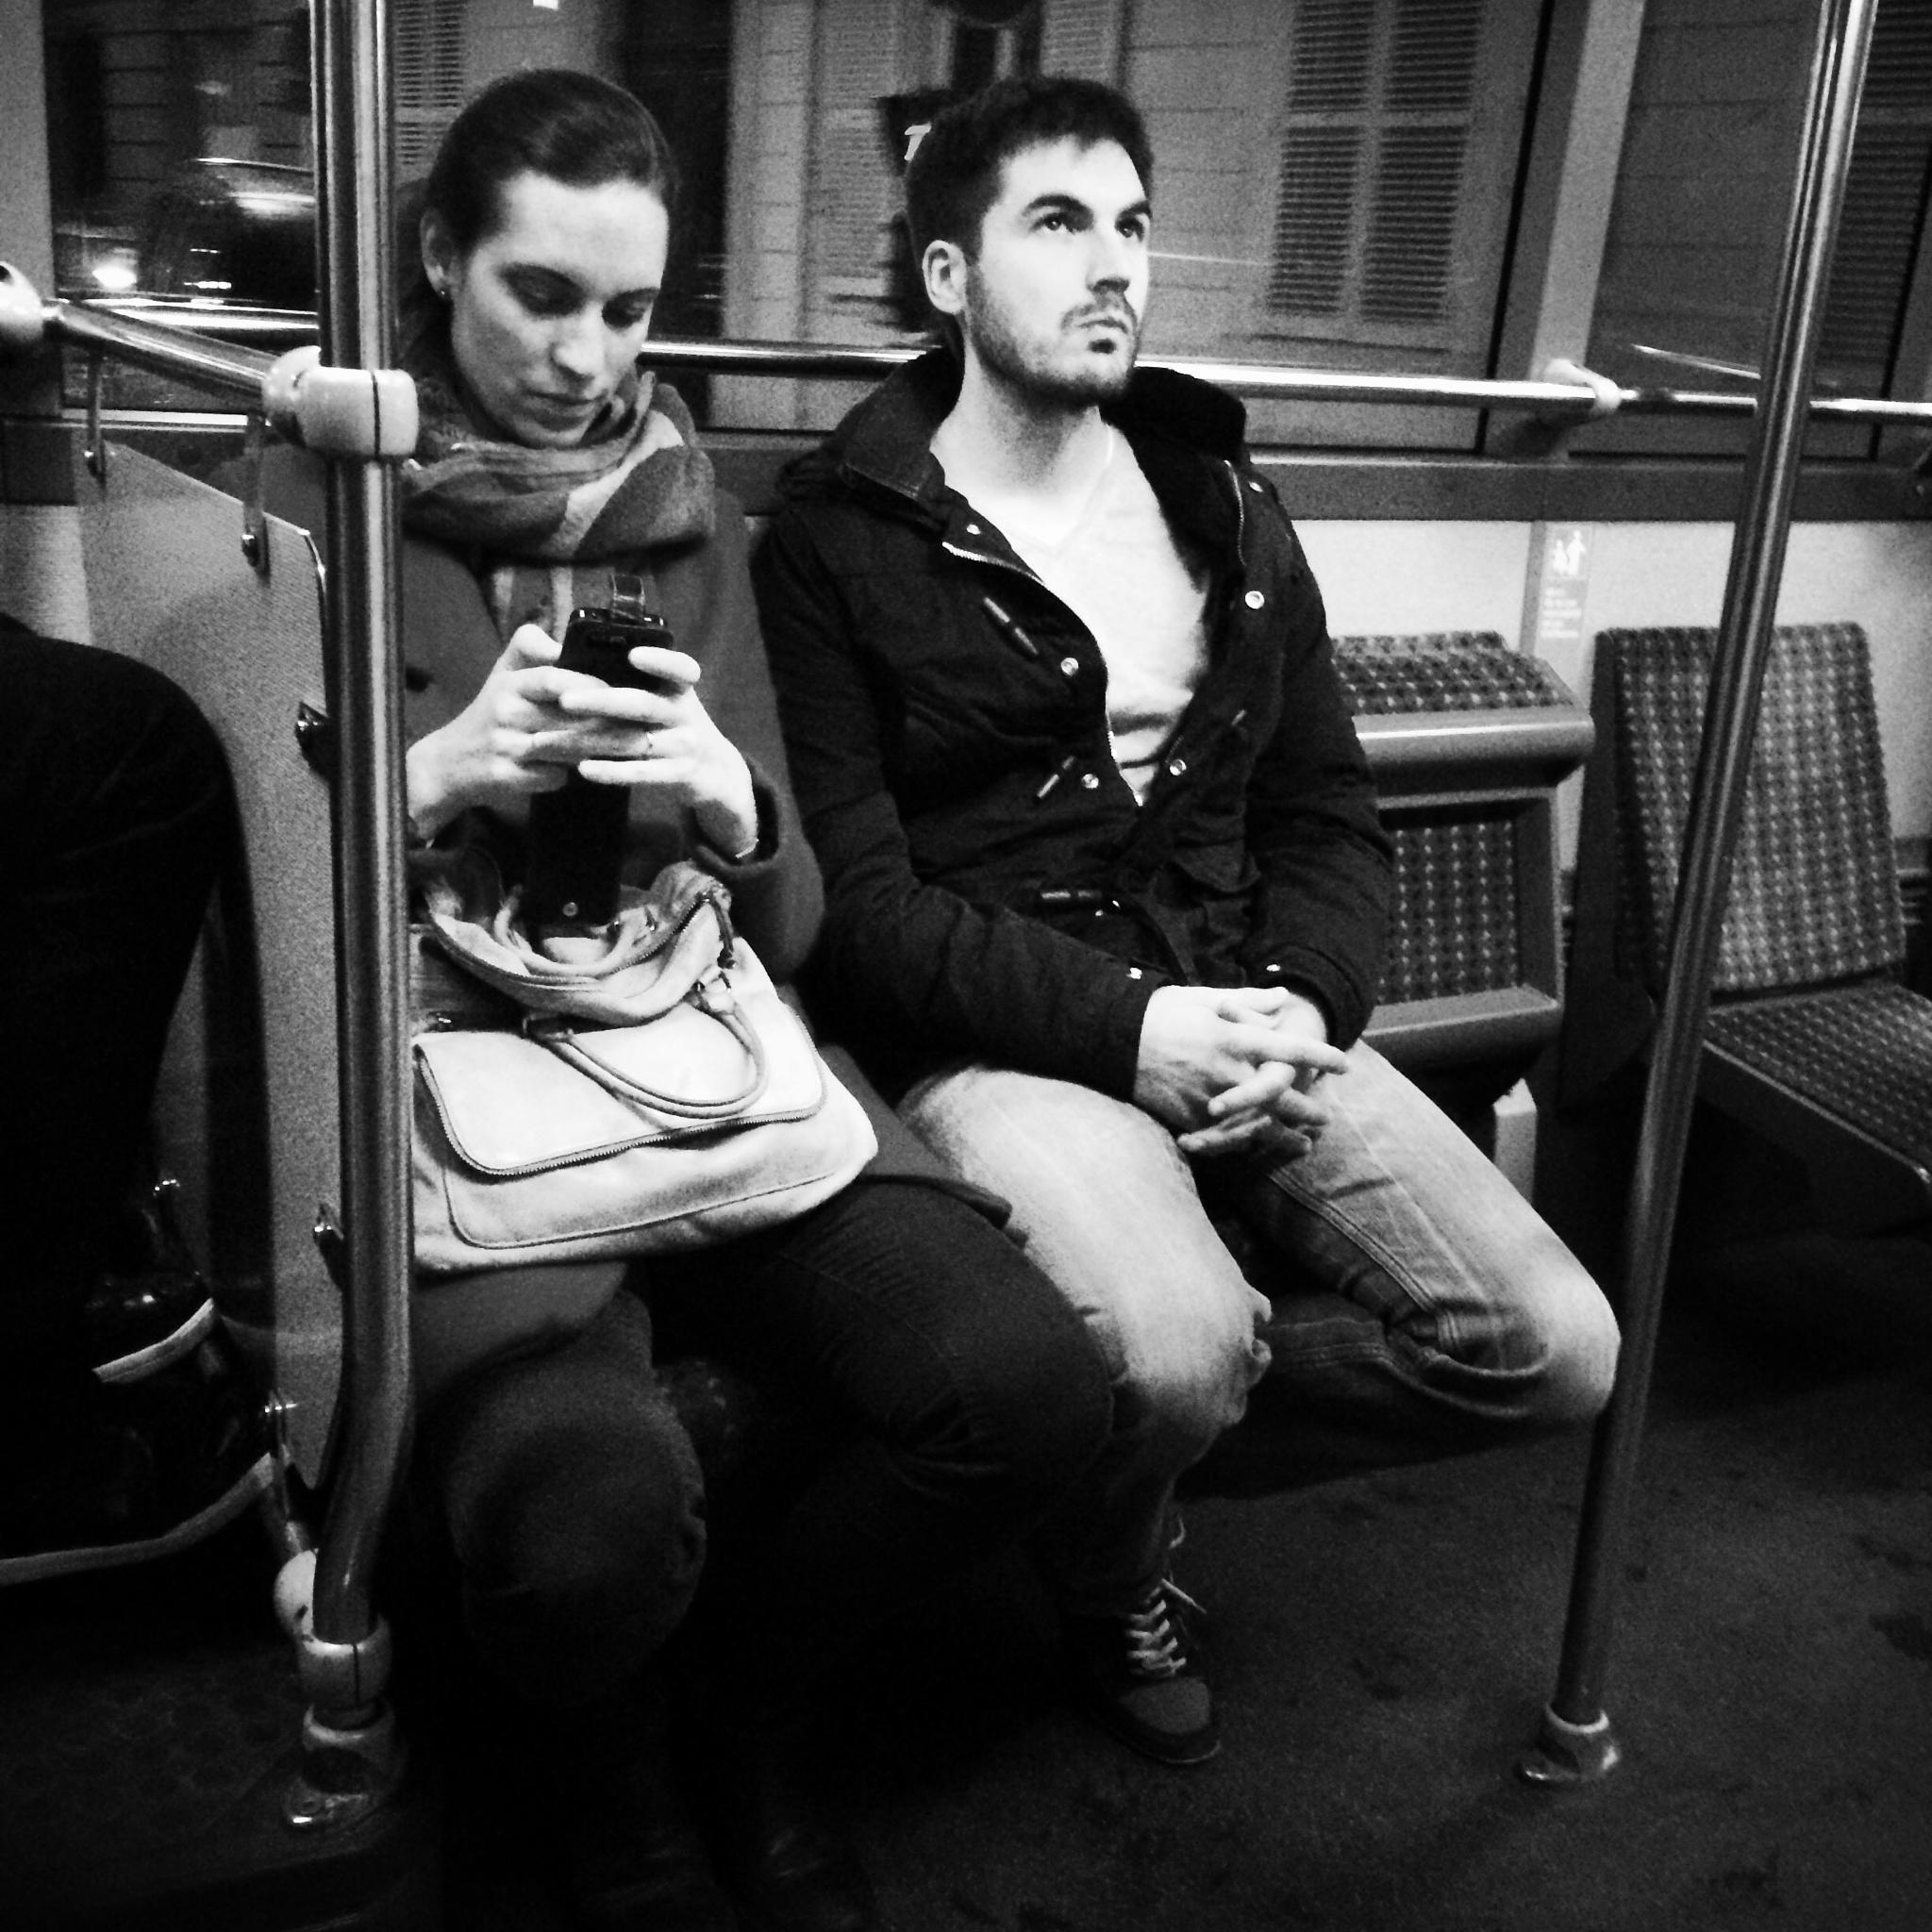 bus portraits by parisfind